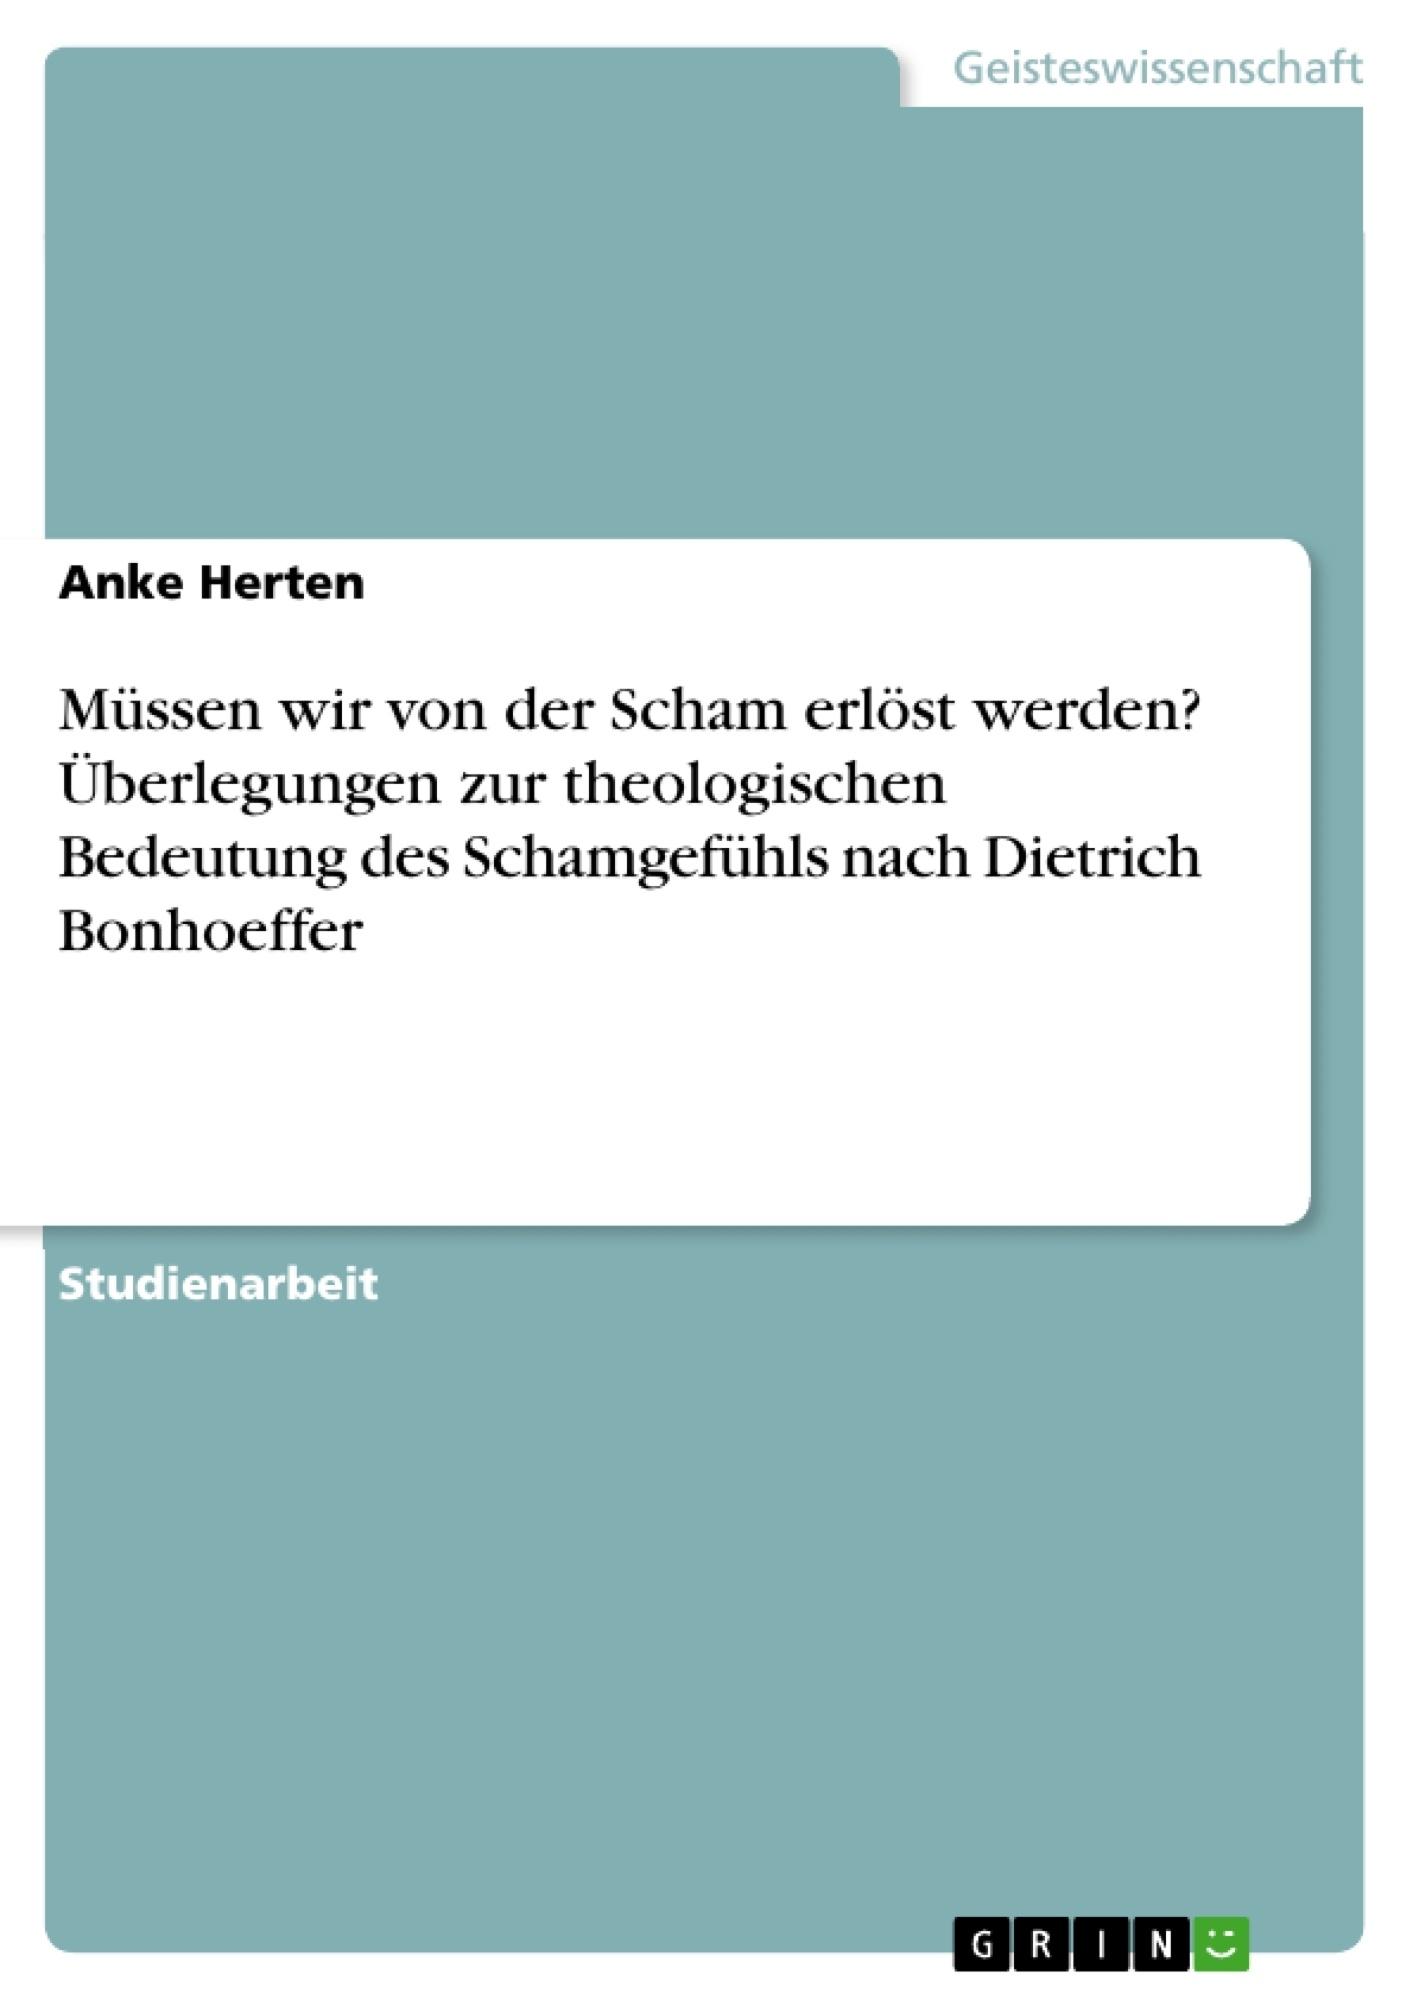 Titel: Müssen wir von der Scham erlöst werden? Überlegungen zur theologischen Bedeutung des Schamgefühls nach Dietrich Bonhoeffer